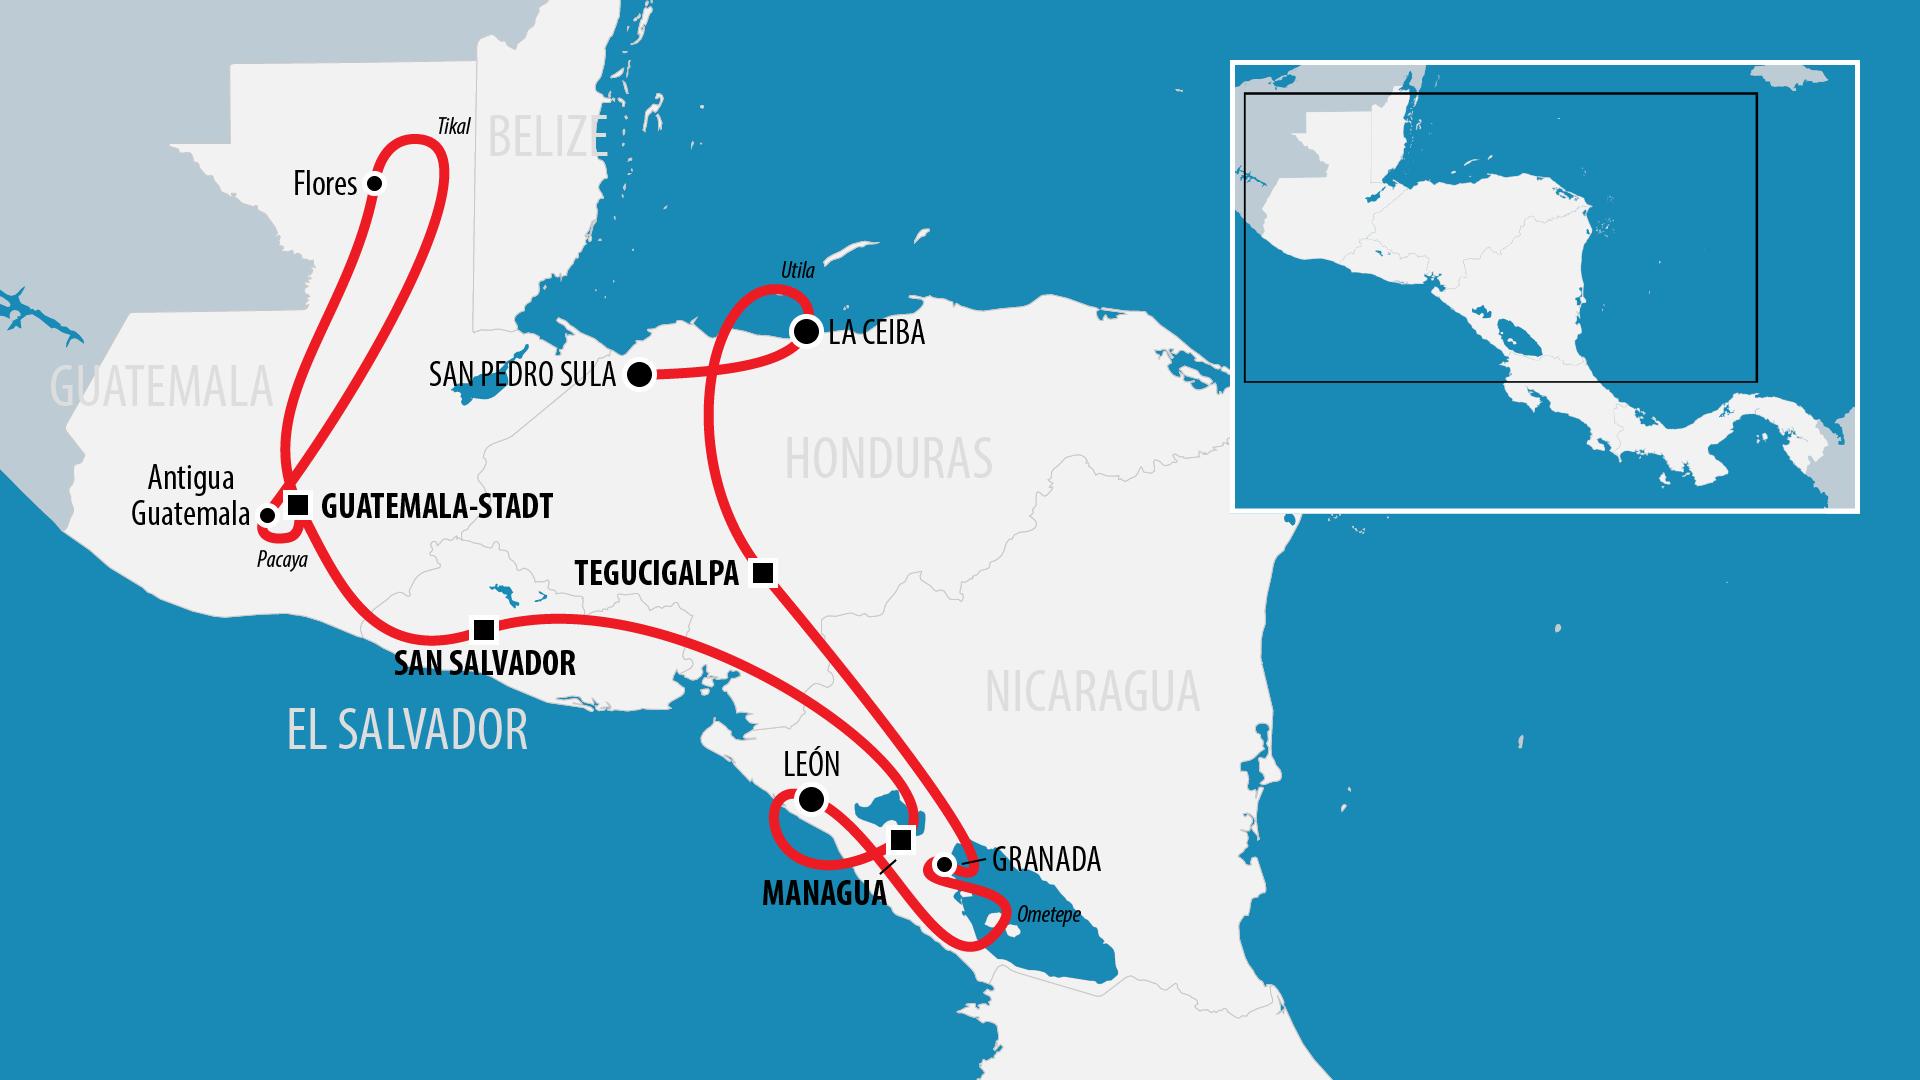 Reiseroute Zentralamerika 2012